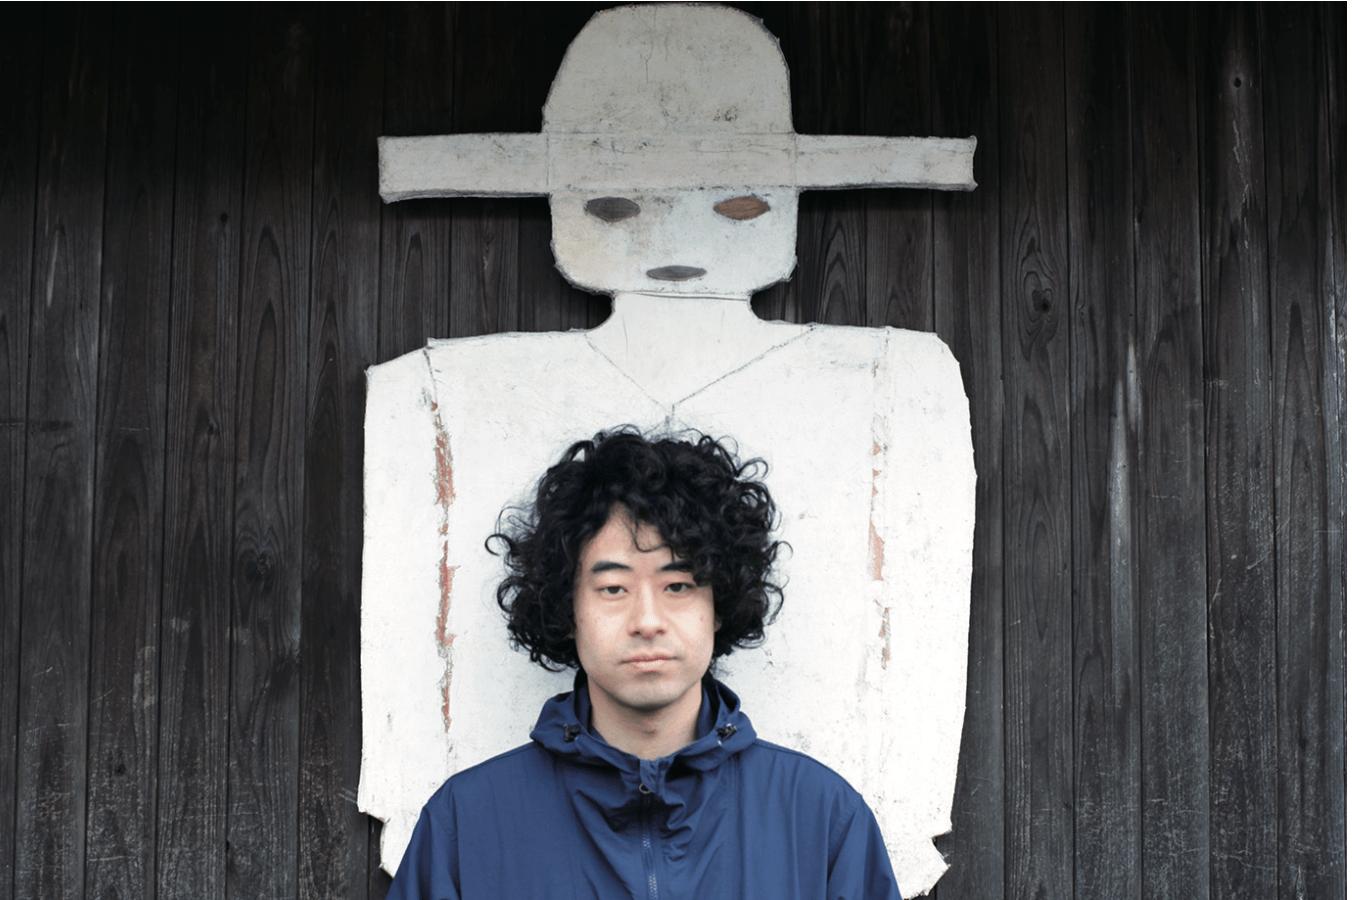 波田野州平(はたのしゅうへい)/鳥取県生まれ、東京在住。映画監督、映像作家。初長編映画『TRAIL』が劇場公開される。以降は現地調査を基に、フィクションとドキュメンタリーが渾然となった手法で『断層紀』や『影の由来』などの作品を、都市と辺境を往復して制作している。